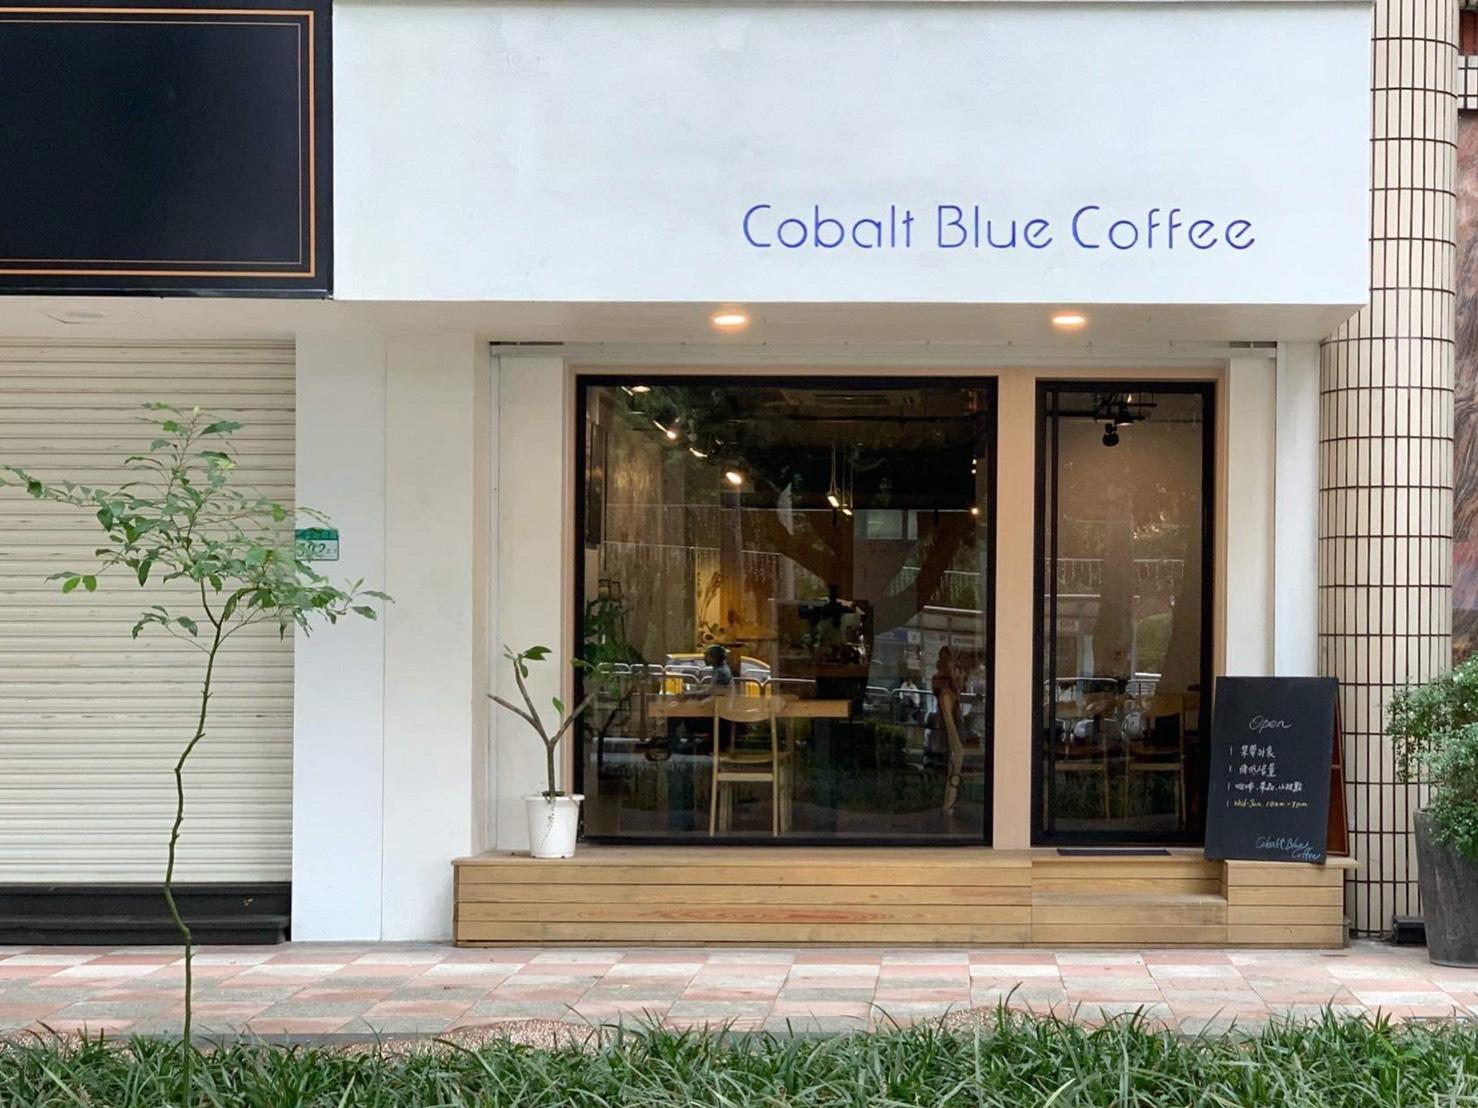 鈷藍咖啡 Cobalt Blue Coffee